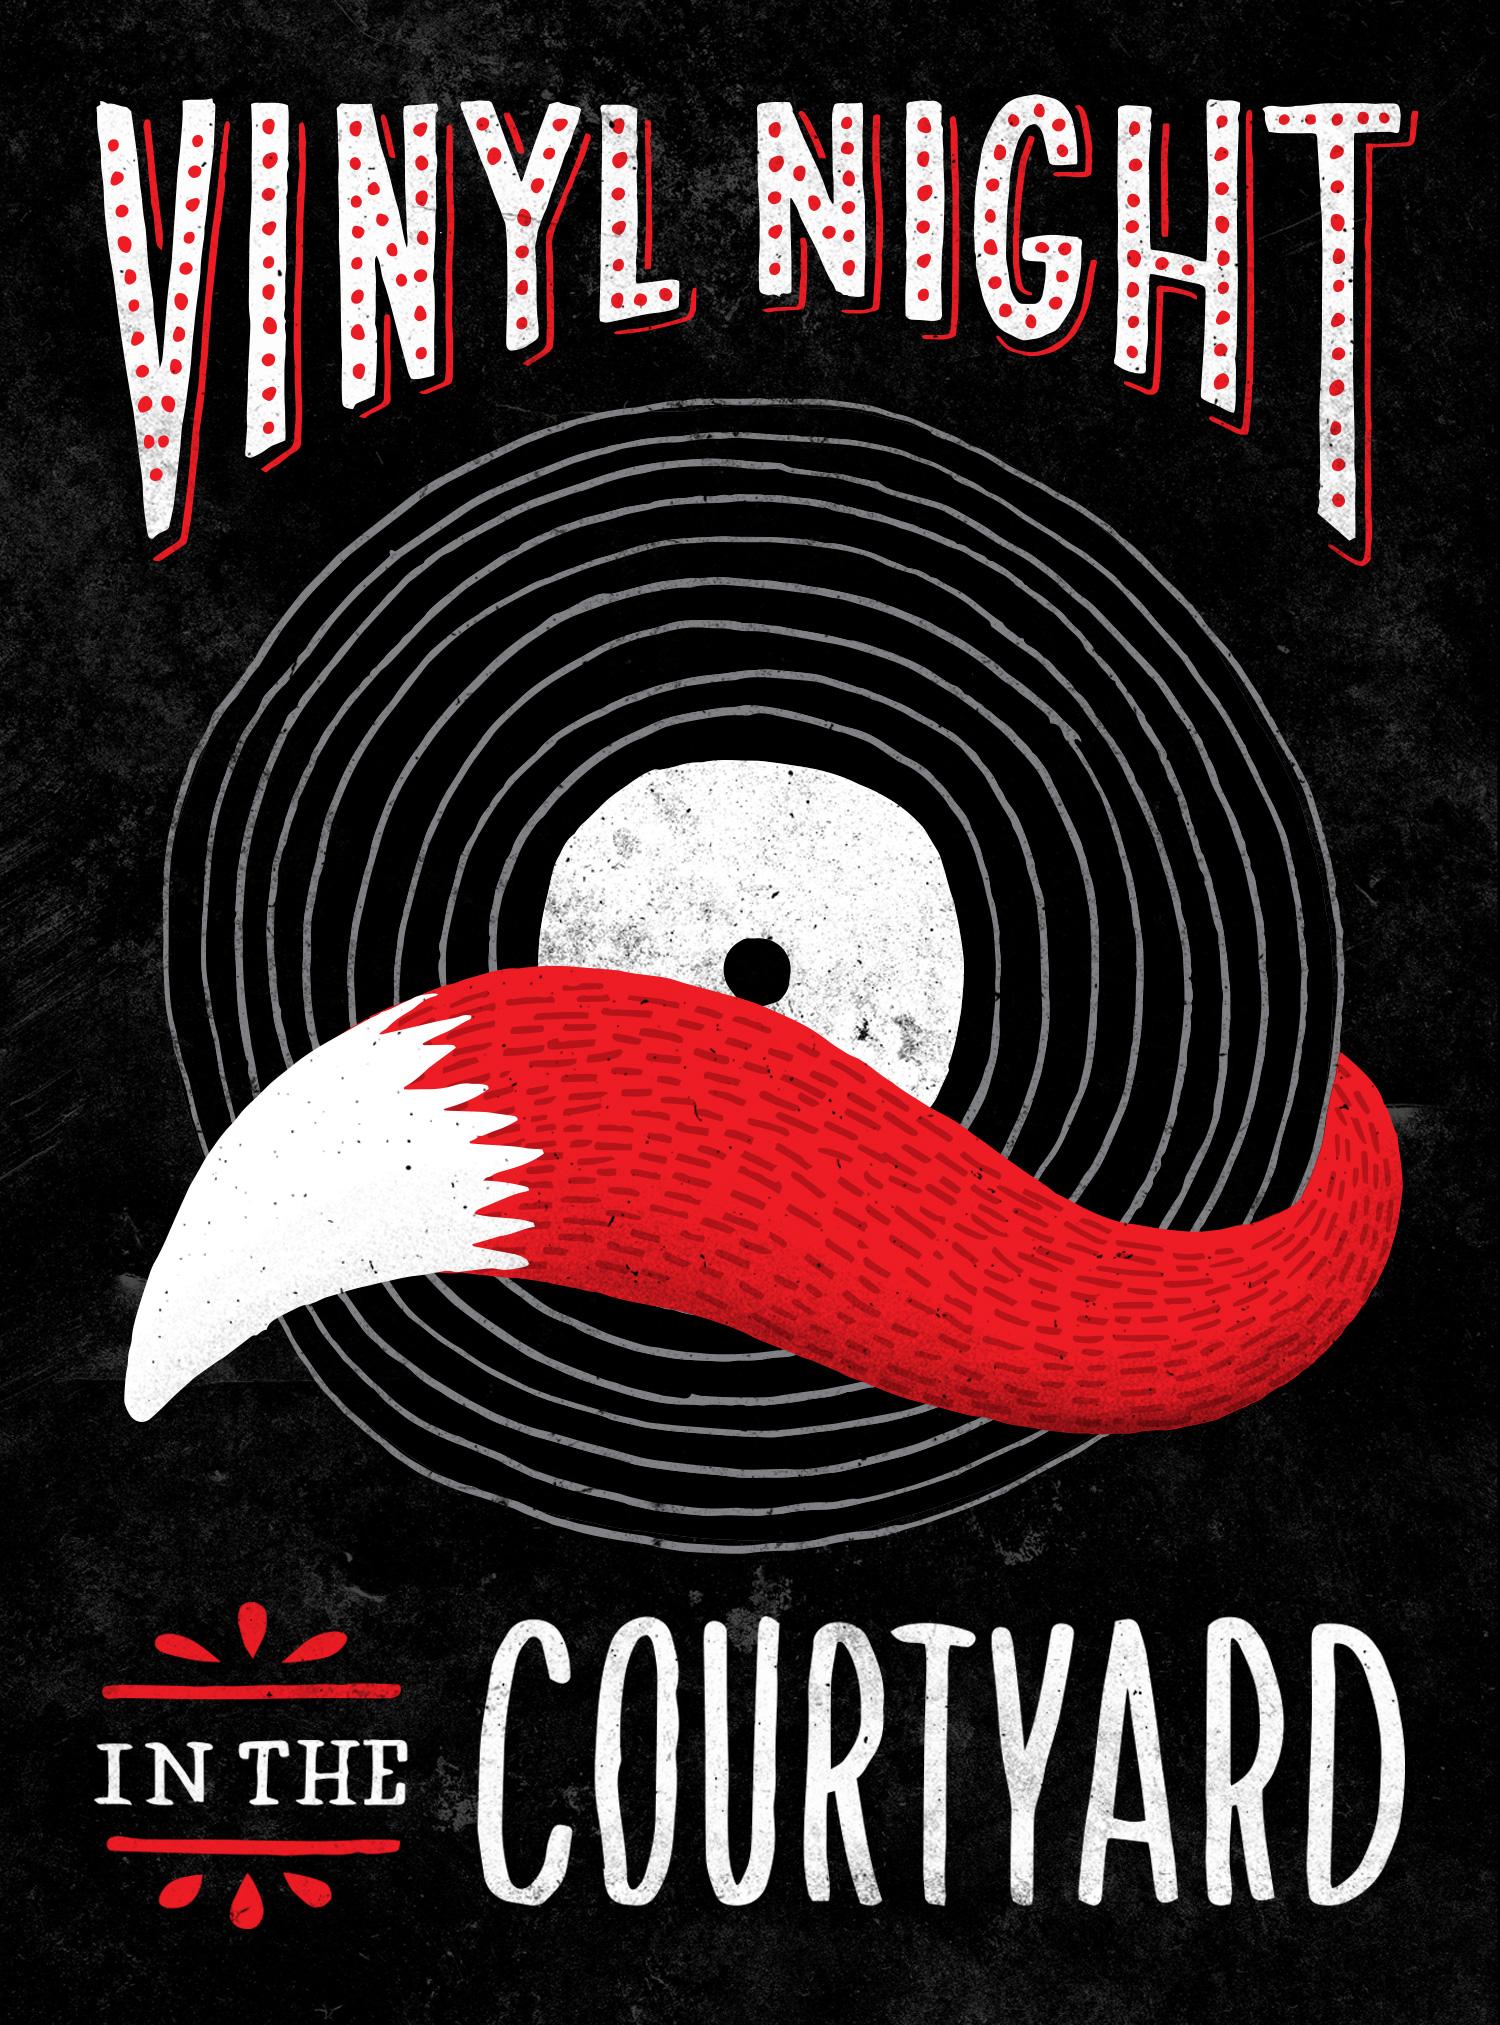 vinyl_night.jpg